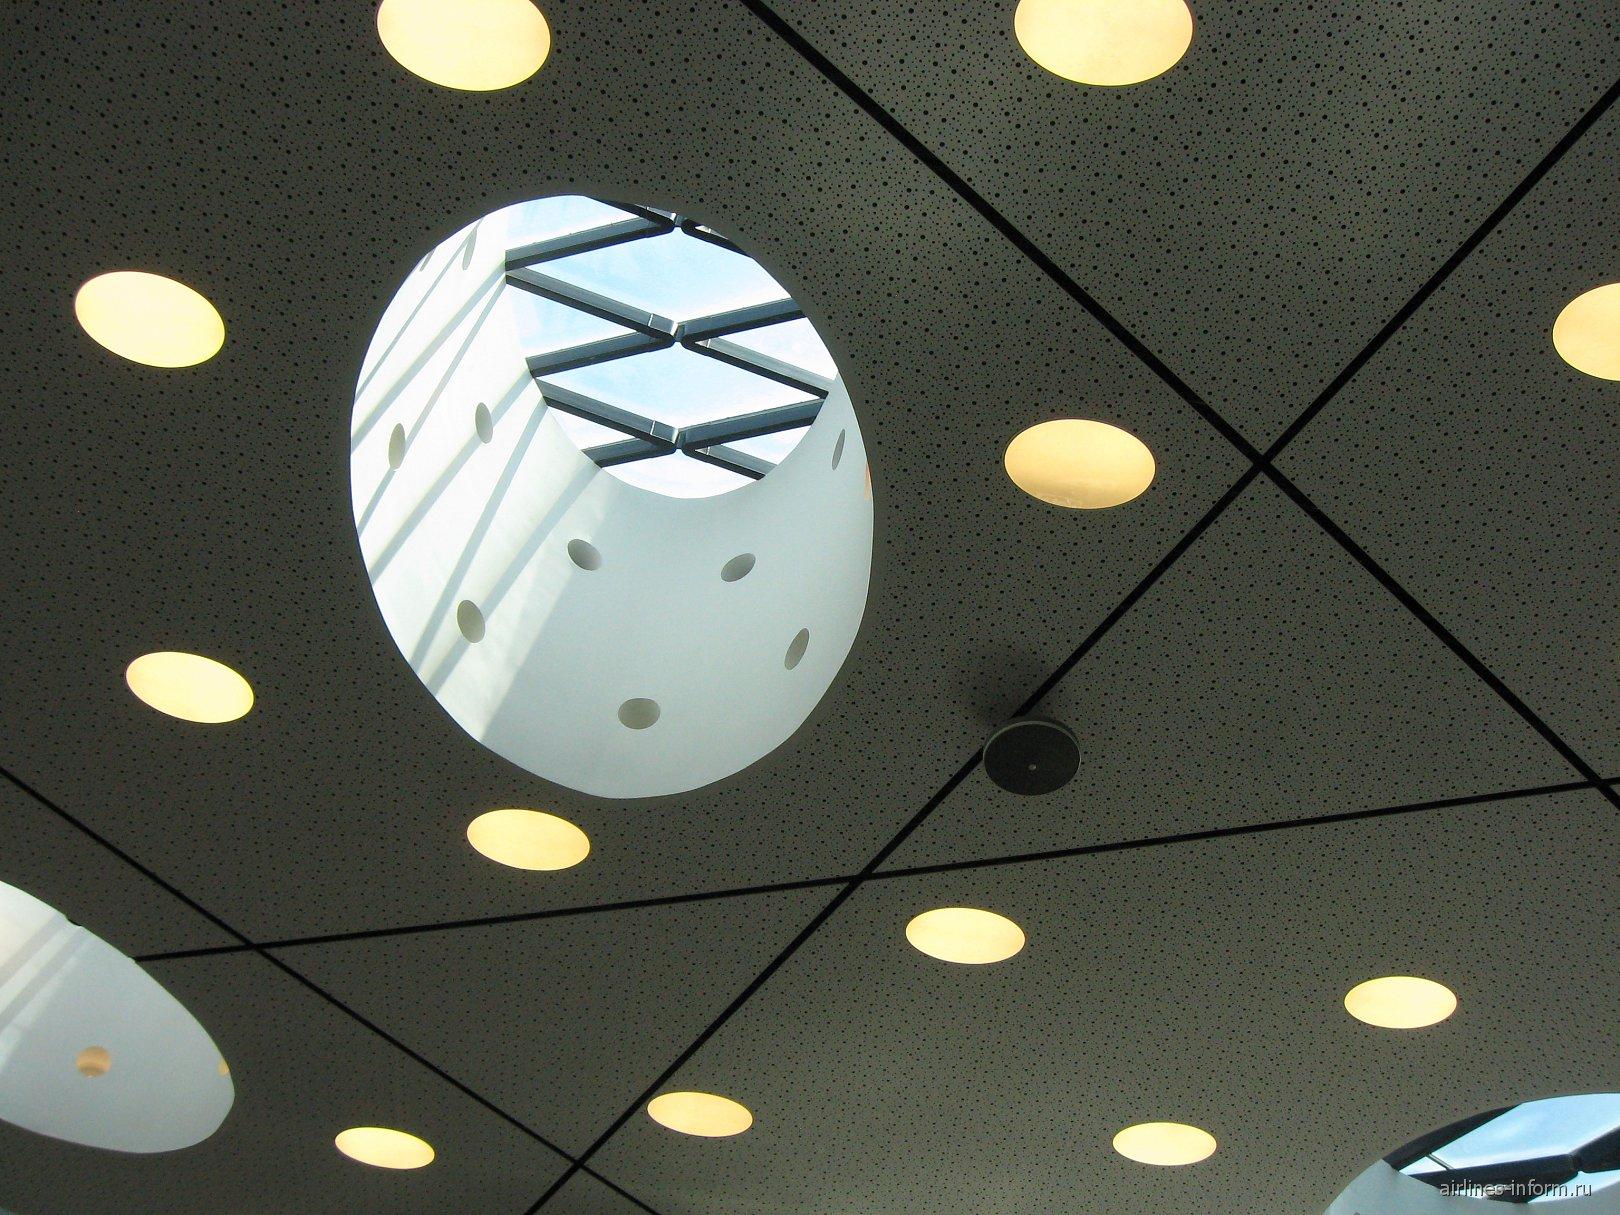 Потолок в центральной части терминала 1 аэропорта Лиссабон Портела